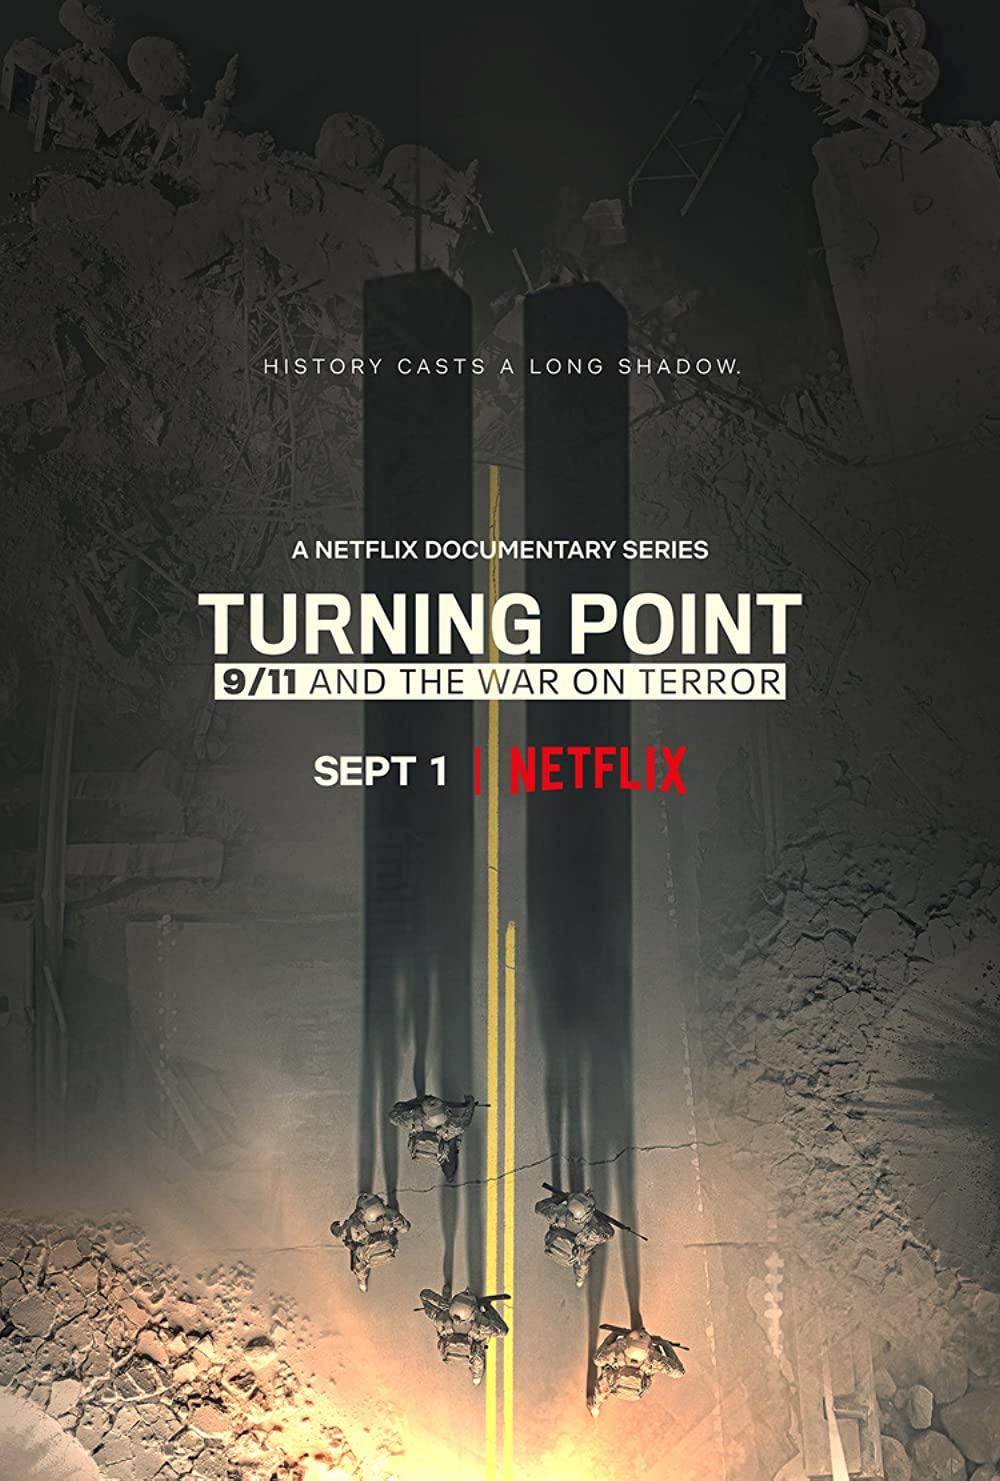 مسلسل Turning Point: 9/11 and the War on Terror الموسم الاول حلقة 1 مترجمة